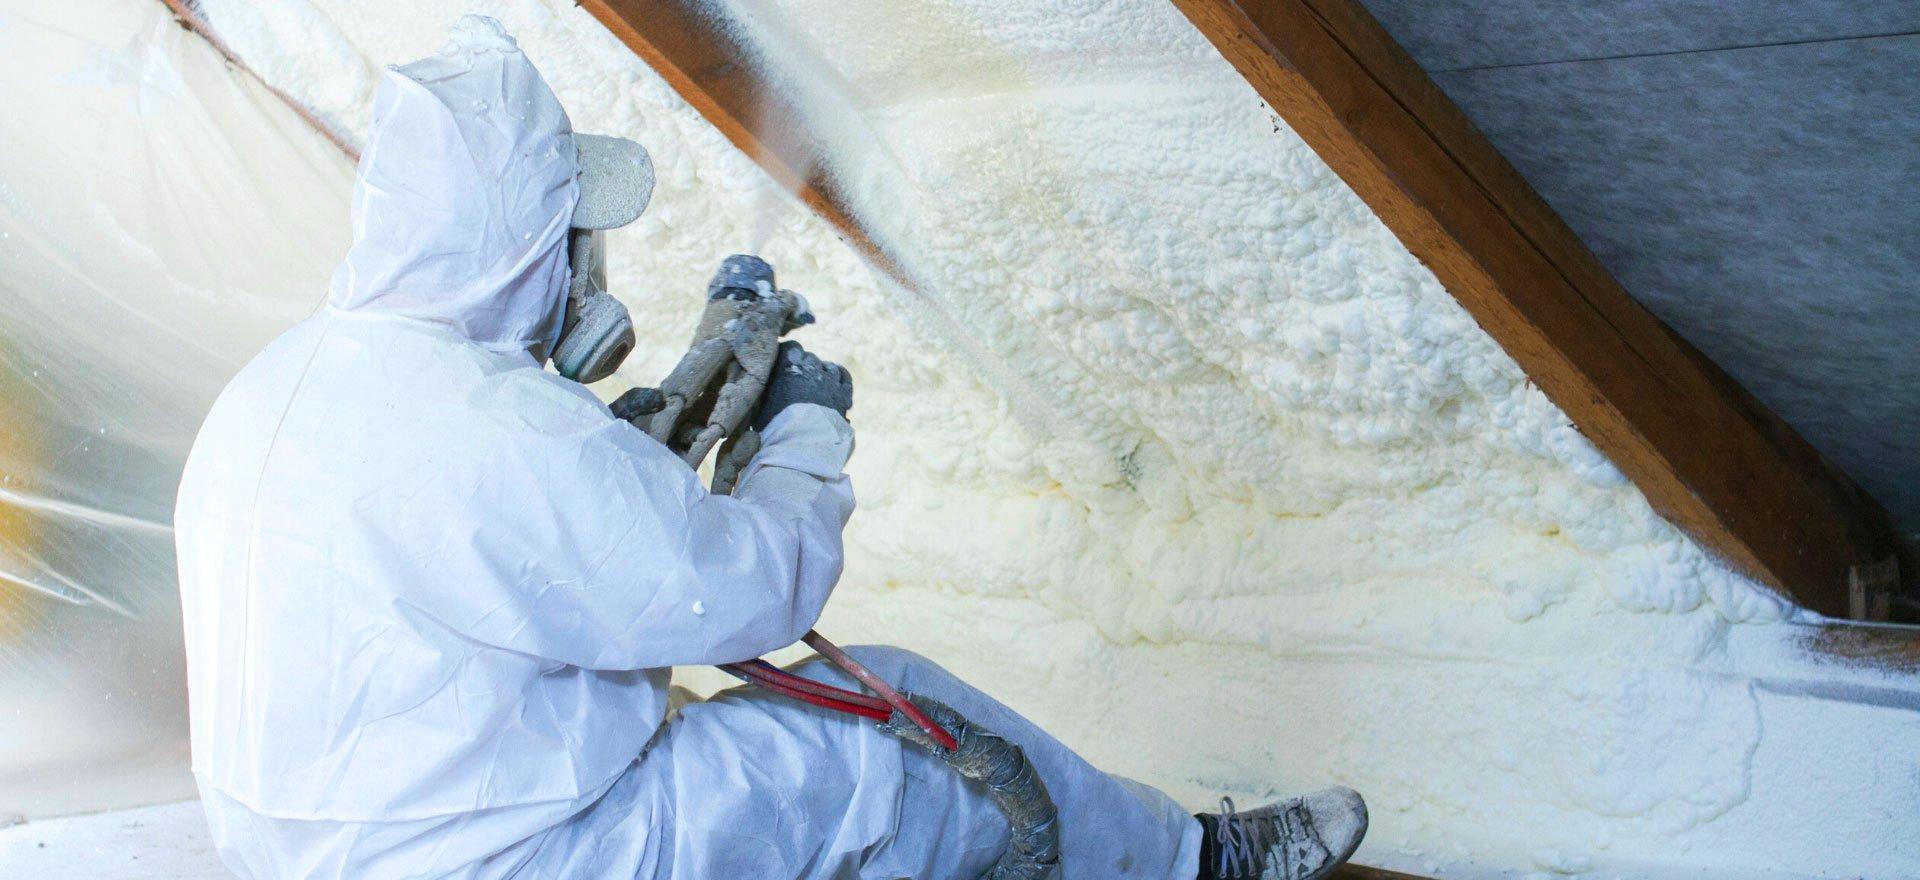 Worker spraying foam insulation